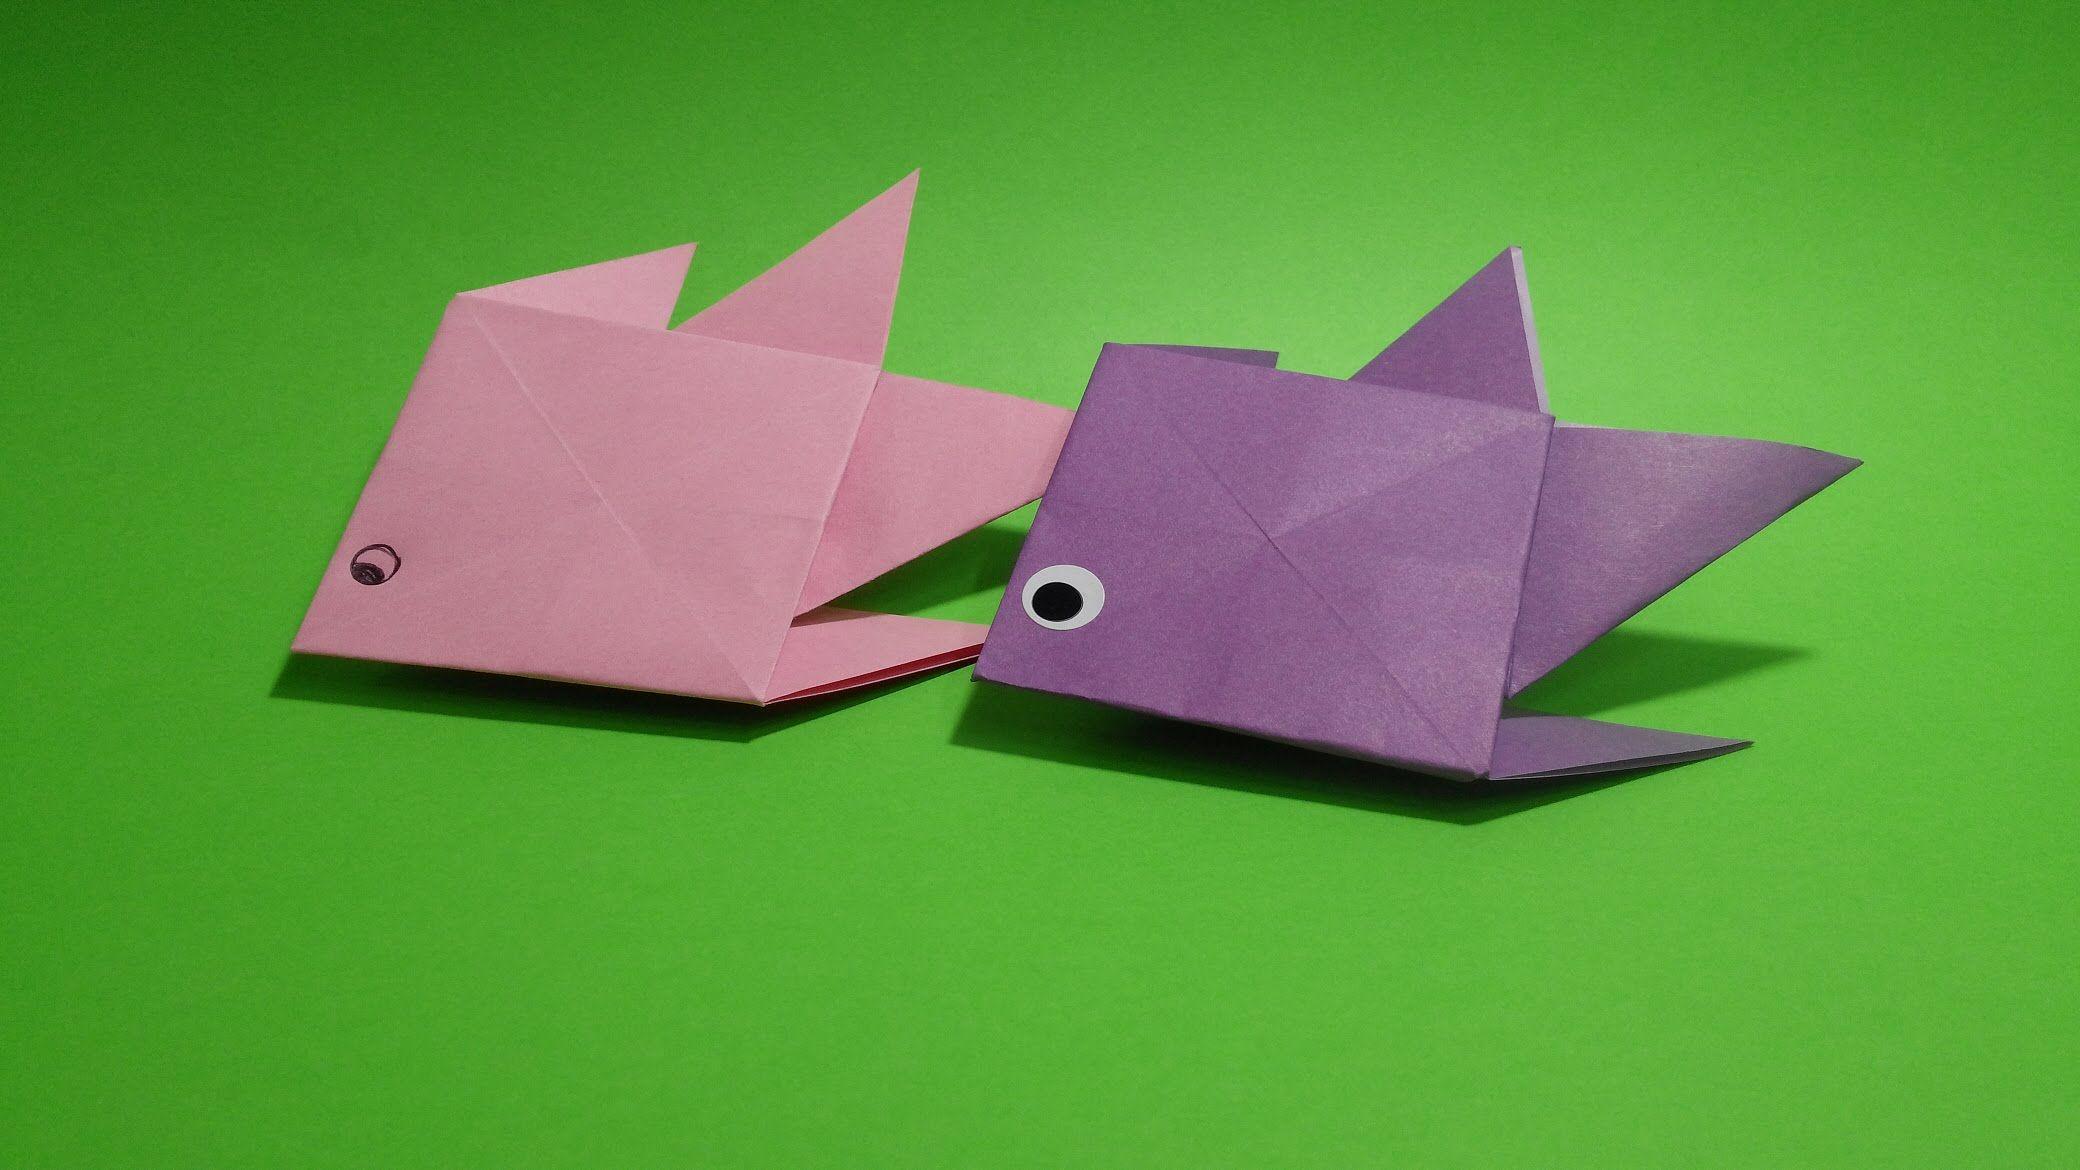 물고기 색종이 접기 - Origami Confetti Fish